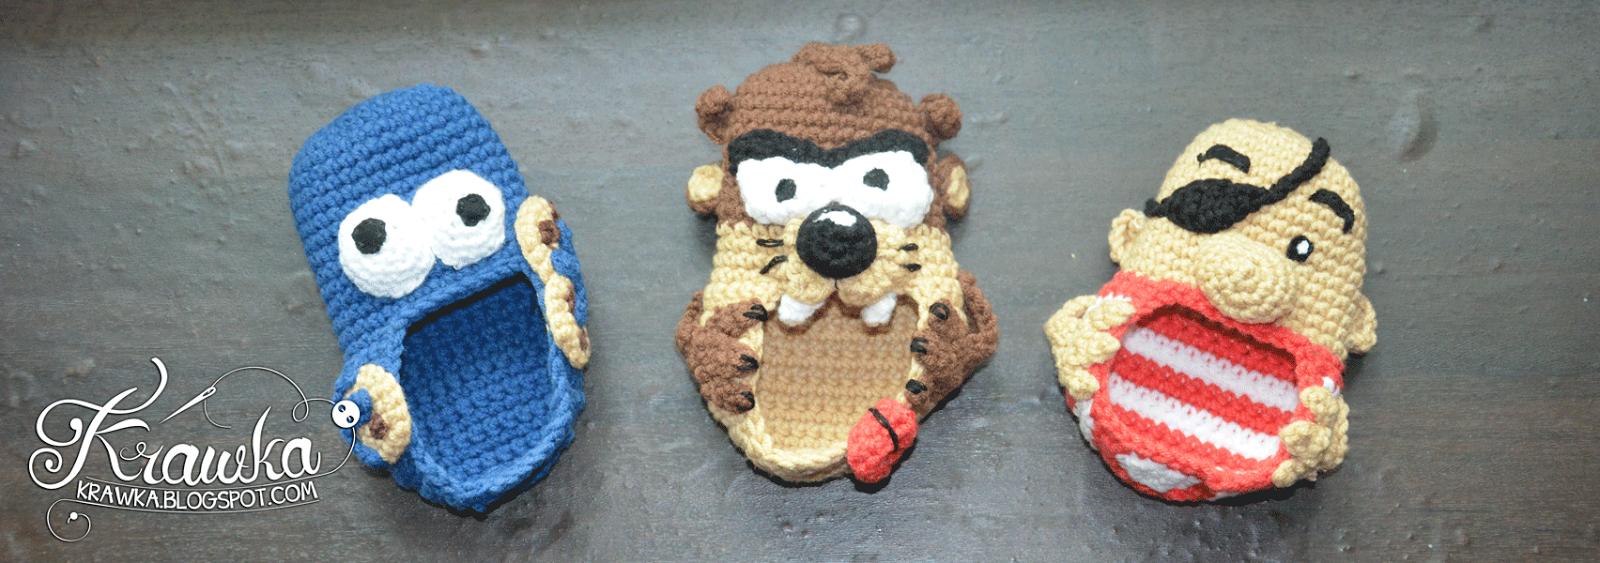 Buciki, kapcie dziecięce w kształcie cistaeczkowego potwora, diabła tasmańskiego, pirat - zrobione na szydełku techniką amigurumi. Crochet baby boots in shape of cookie monster, tasmanian devil crochet, pirate inspired amigurumi